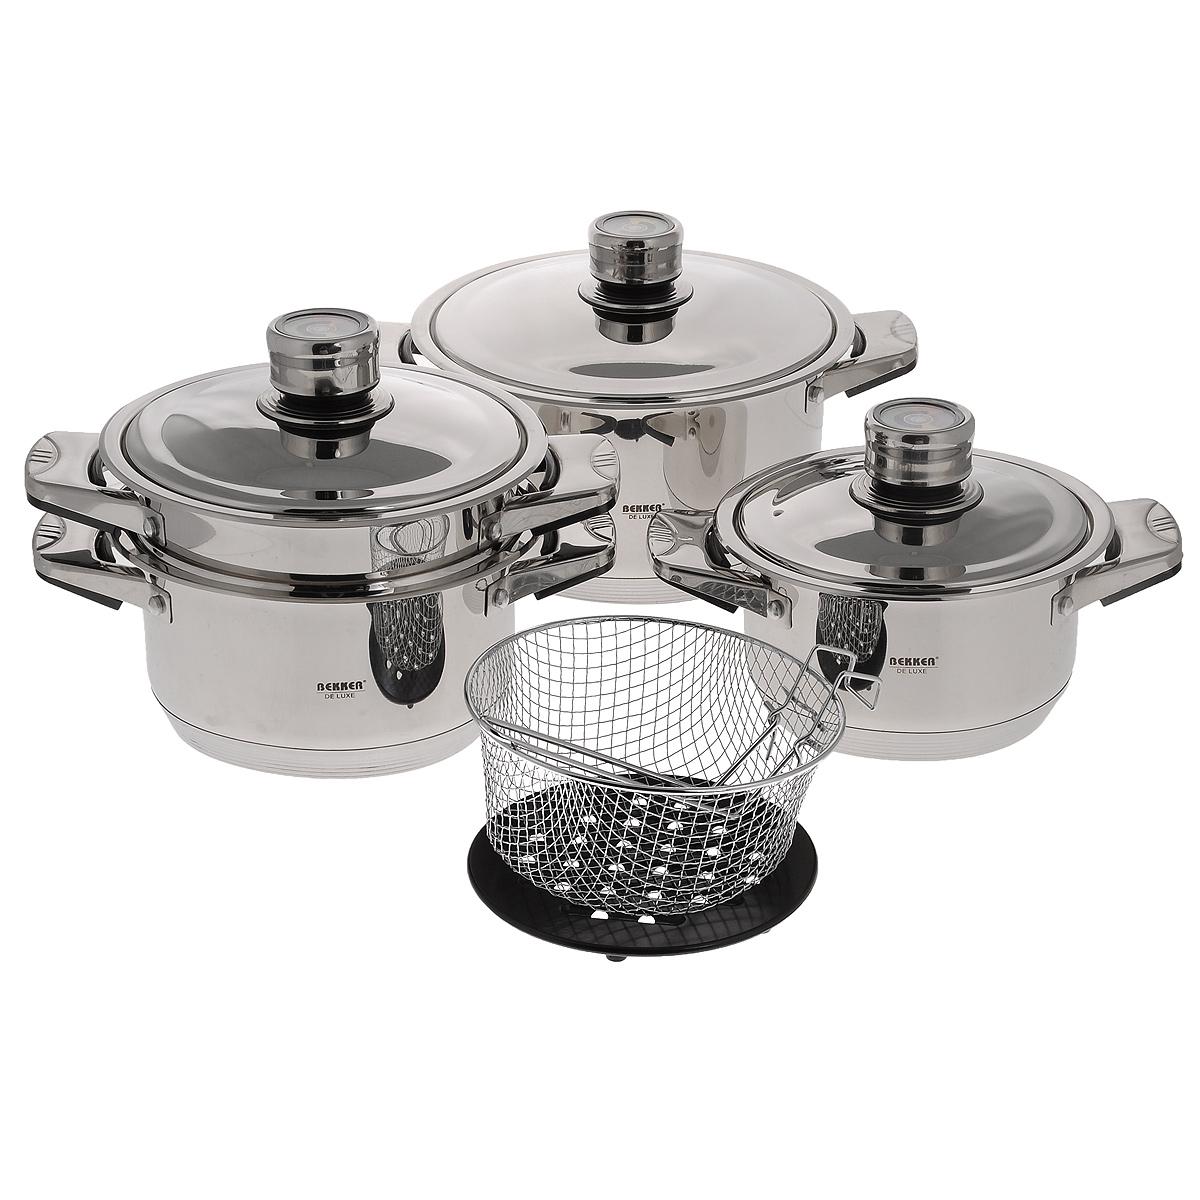 Набор посуды Bekker De Luxe, 9 предметов. BK-2865115510Набор Bekker De Luxe состоит из 3 кастрюль с крышками, пароварки, корзины для жарки (фритюрницы) и подставки под горячее. Изделия изготовлены из высококачественной нержавеющей стали 18/10 с зеркальной полировкой. Посуда имеет капсулированное термическое дно - совершенно новая разработка, позволяющая готовить здоровую пищу. Благодаря уникальной конструкции дна, тепло, проходя через металл, равномерно распределяется по стенкам посуды. В процессе приготовления пищи нижний слой дна остается идеально ровным, обеспечивая идеальный контакт между дном посуды и поверхностью плиты. Быстрая проводимость тепла и экономия энергии обеспечивается за счет использования при изготовлении дна разнородных материалов, таких как алюминий и сталь. Проходя через стальной нижний слой, тепло мгновенно попадает на алюминиевый слой, где и происходит его равномерное распределение. Внутри дна концентрируется очень высокая температура, которая практически мгновенно распределяется по все поверхности посуды. Для приготовления пищи в такой посуде требуется минимальное количество масла и воды, тем самым уменьшается риск потери витаминов и минералов в процессе термообработки продуктов. Посуда оснащена удобными металлическими ручками с черными бакелитовыми вставками. Специальный ободок по краям изделий предотвращает растекание жидкости при наполнении и переливании, что способствует сохранению чистоты стенок. Крышки выполнены из нержавеющей стали. Встроенные в крышки термодатчики помогают готовить пищу, соблюдая оптимальный температурный режим.Подставка под горячее выполнена из бакелита.Внутренние стенки кастрюль имеют отметки литража.Посуду можно использовать на всех типах плит, кроме индукционных. Можно использовать в духовке и мыть в посудомоечной машине. Объем кастрюль: 2,7 л; 3,6 л; 6,3 л.Внутренний диаметр кастрюль: 18 см; 20 см; 24 см.Высота стенок: 11,5 см; 12 см; 14,5 см.Ширина кастрюль с учетом ручек: 29 см; 31 см; 36 см.Диаметр дна: 15,5 